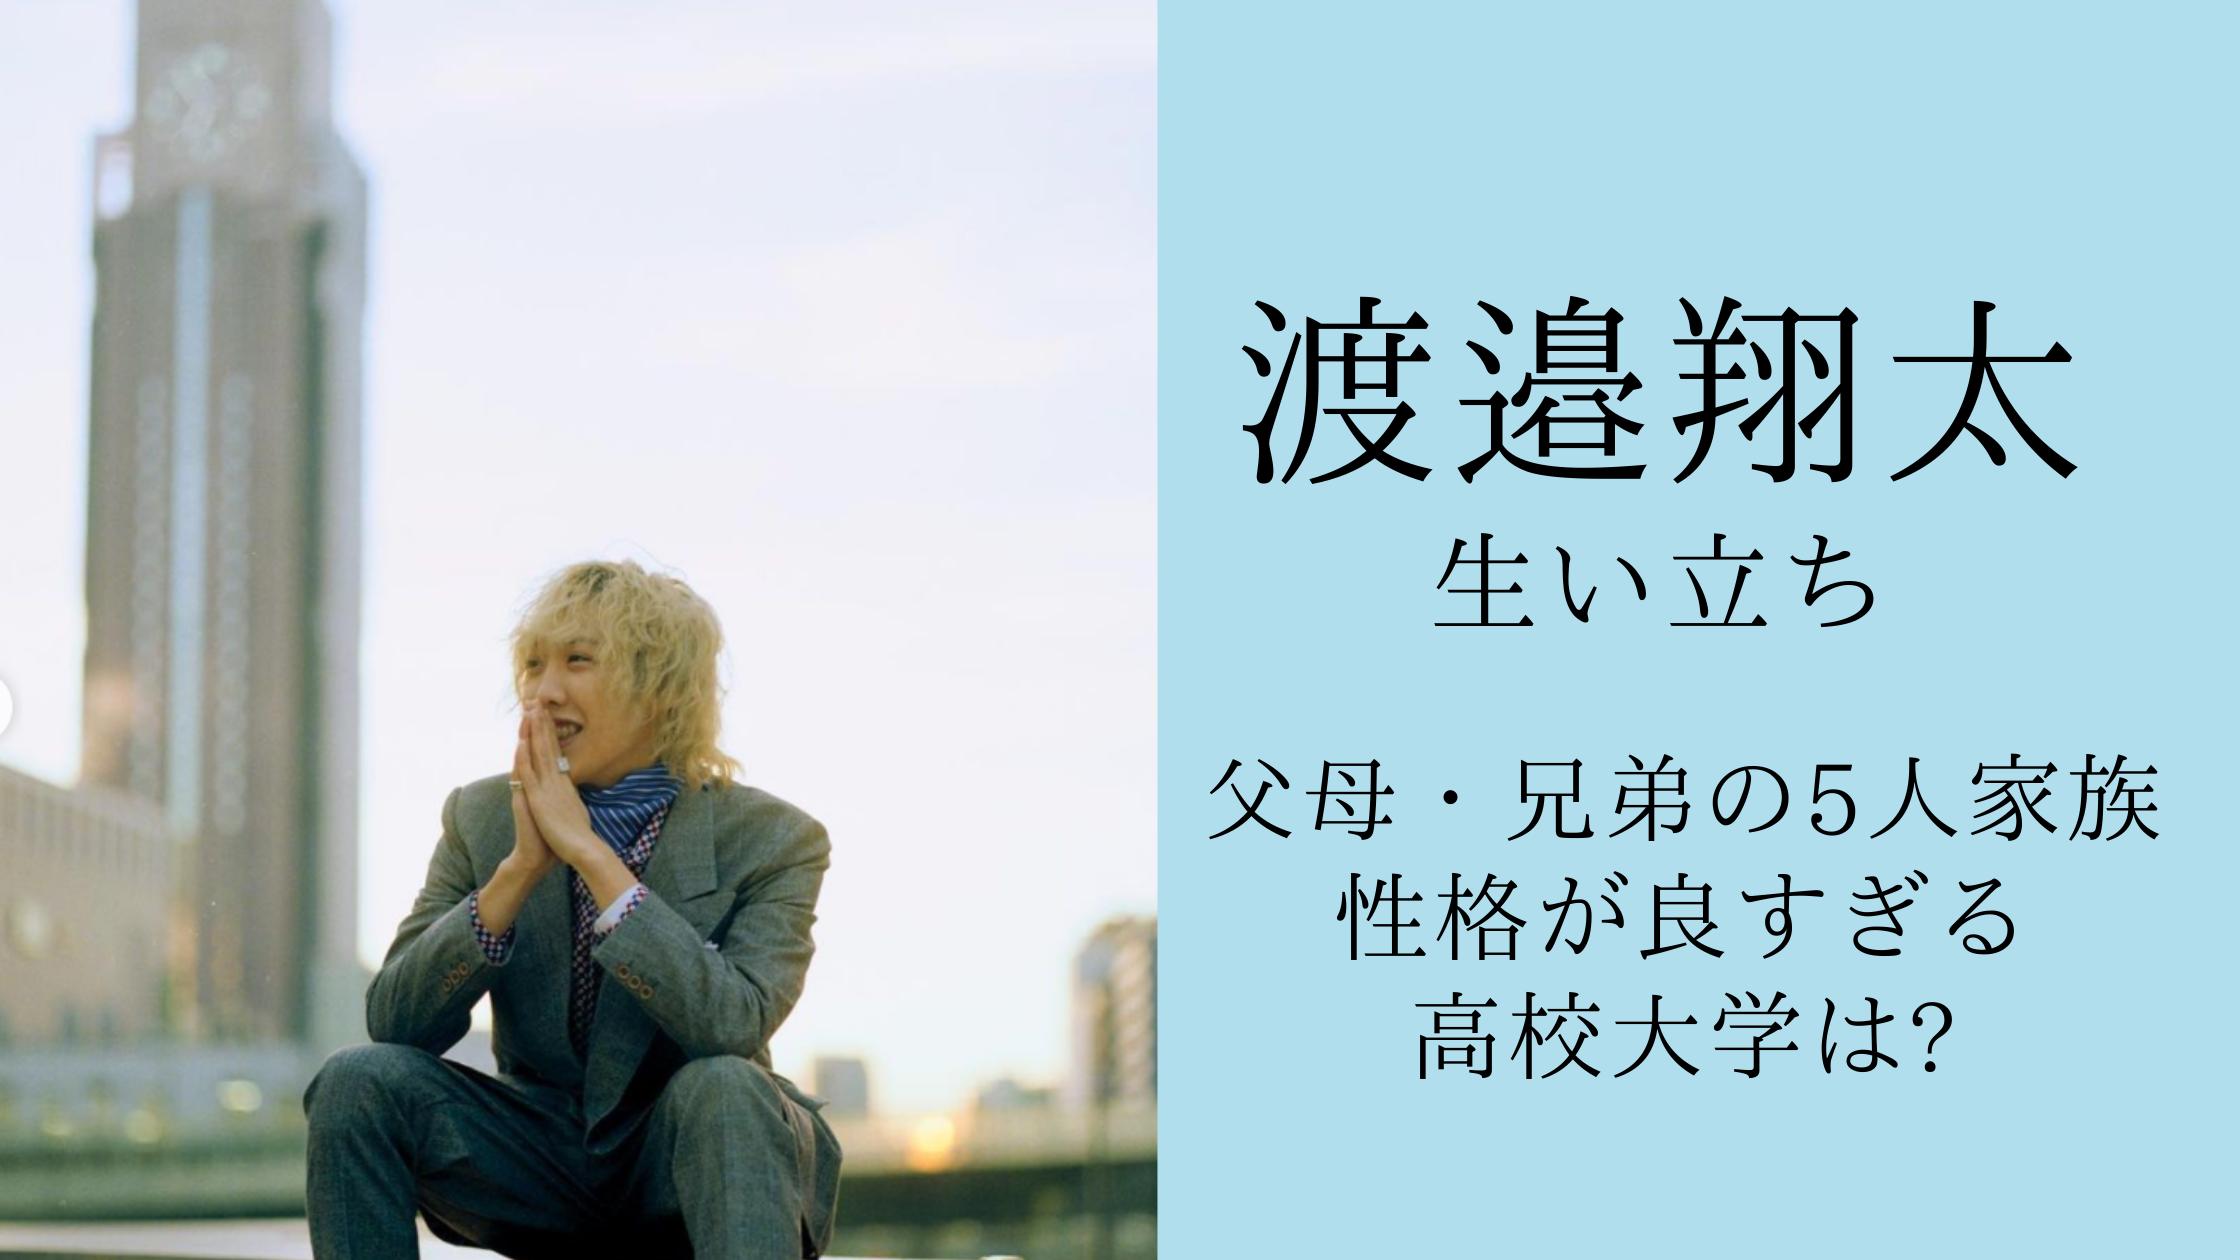 【THE FIRST】渡邉翔太の生い立ち|父・母・兄弟の5人家族で高校大学はどこ?